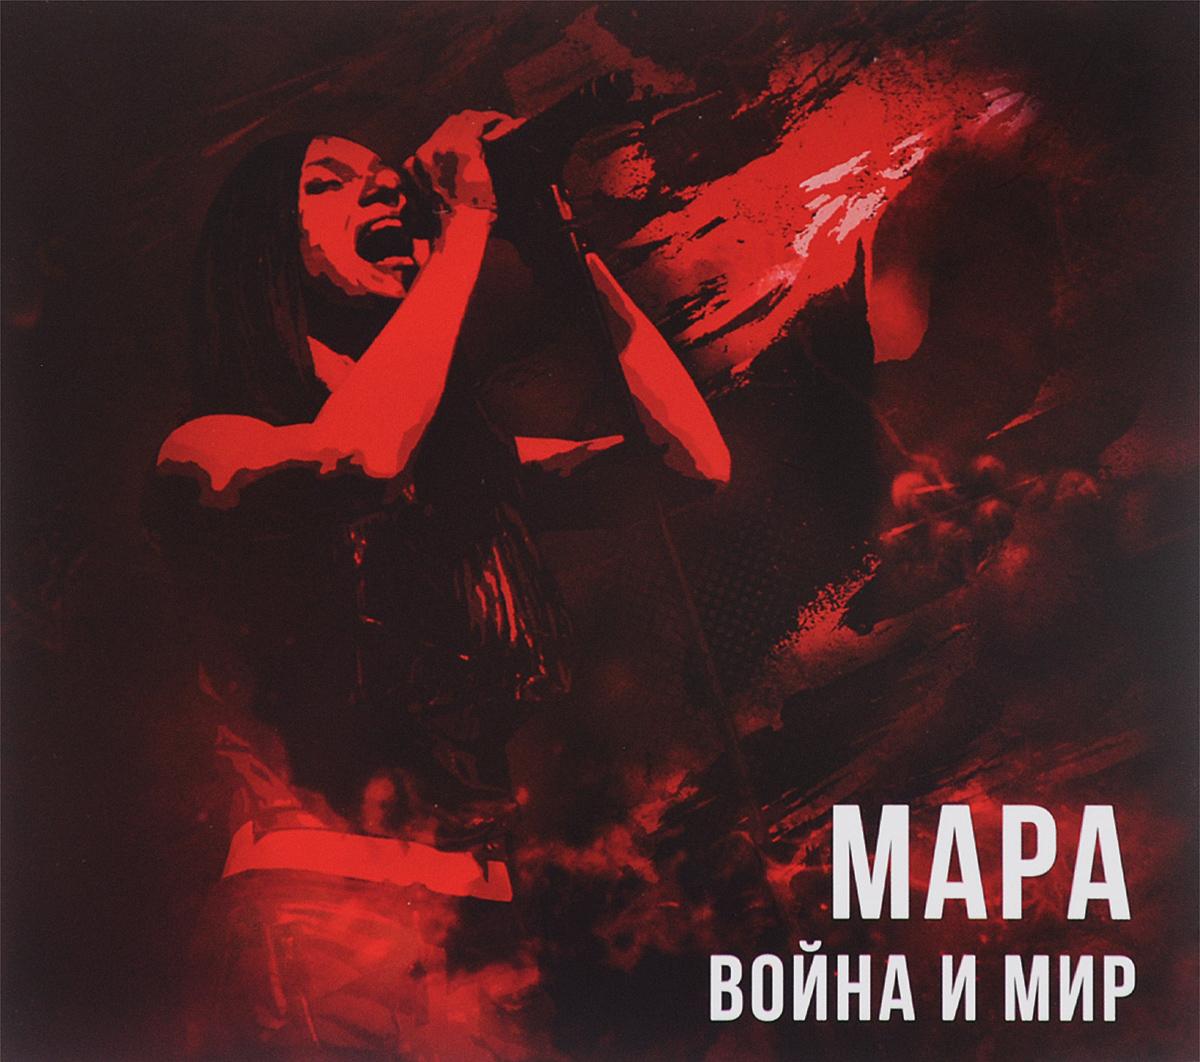 Издание содержит плакат, на оборотной стороне которого находятся тексты песен на русском языке.